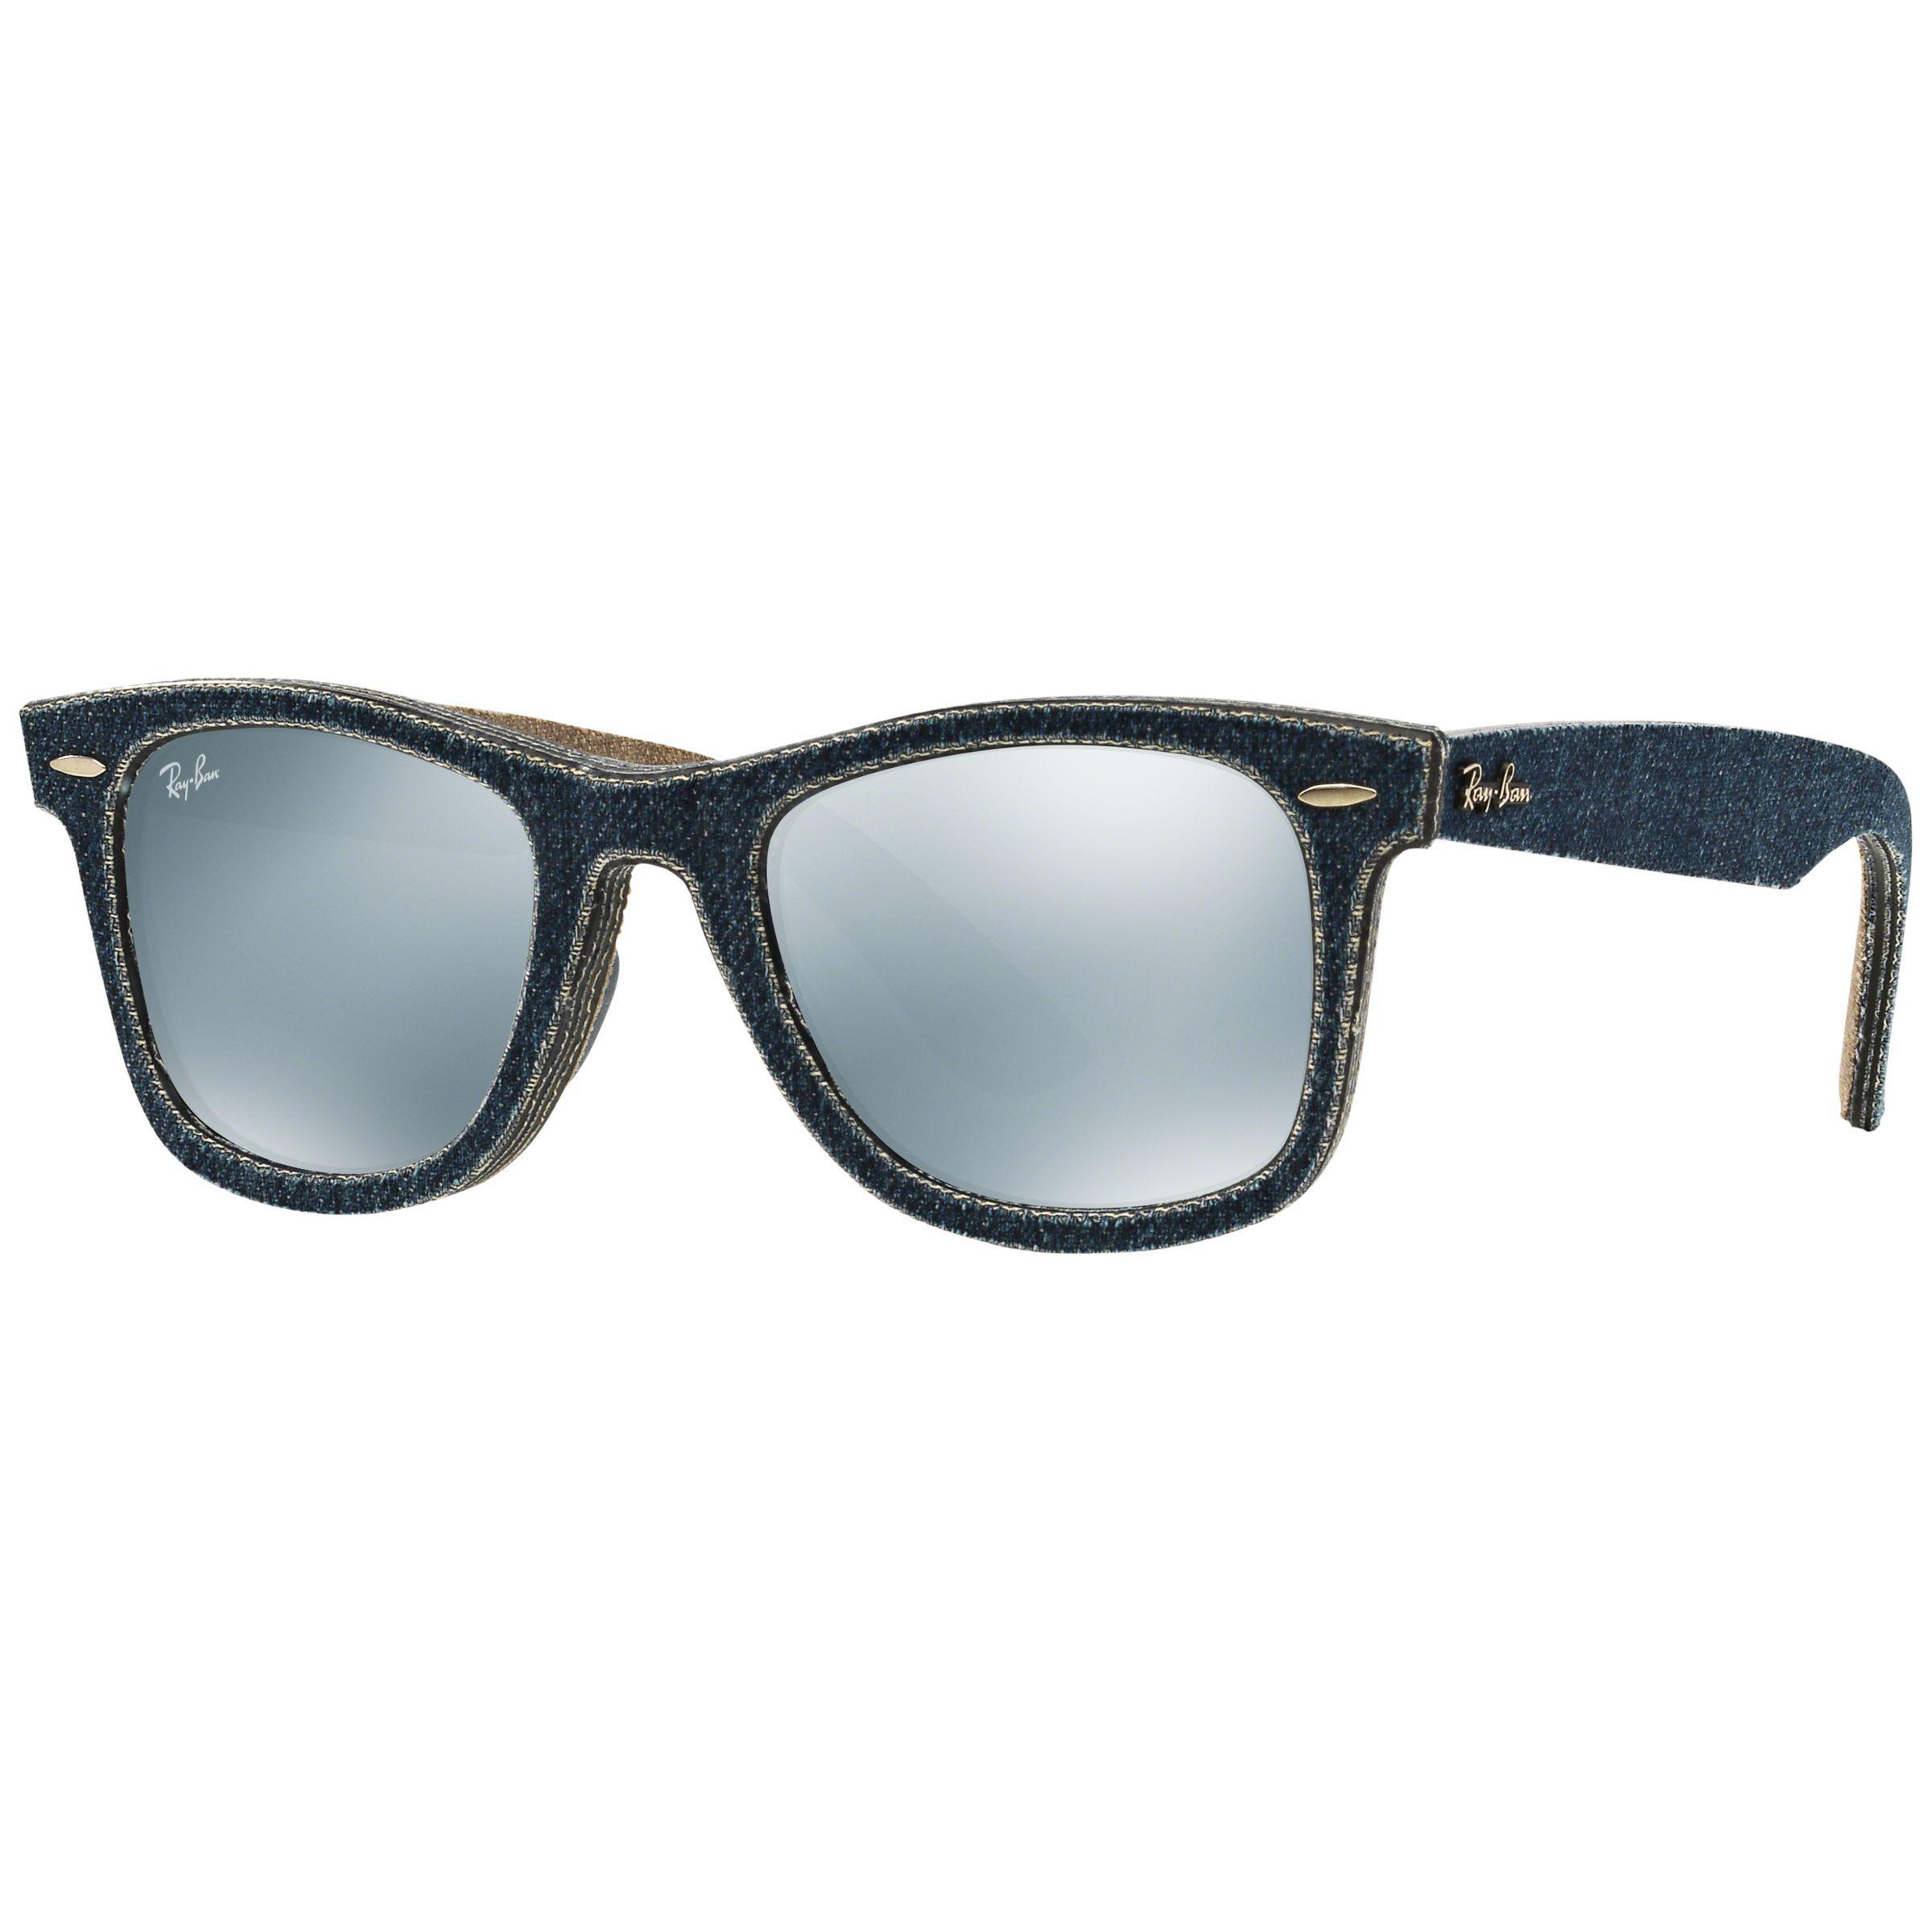 5397421986 Ray-Ban Rb2140 Original Wayfarer Denim Sunglasses in Green for Men ...